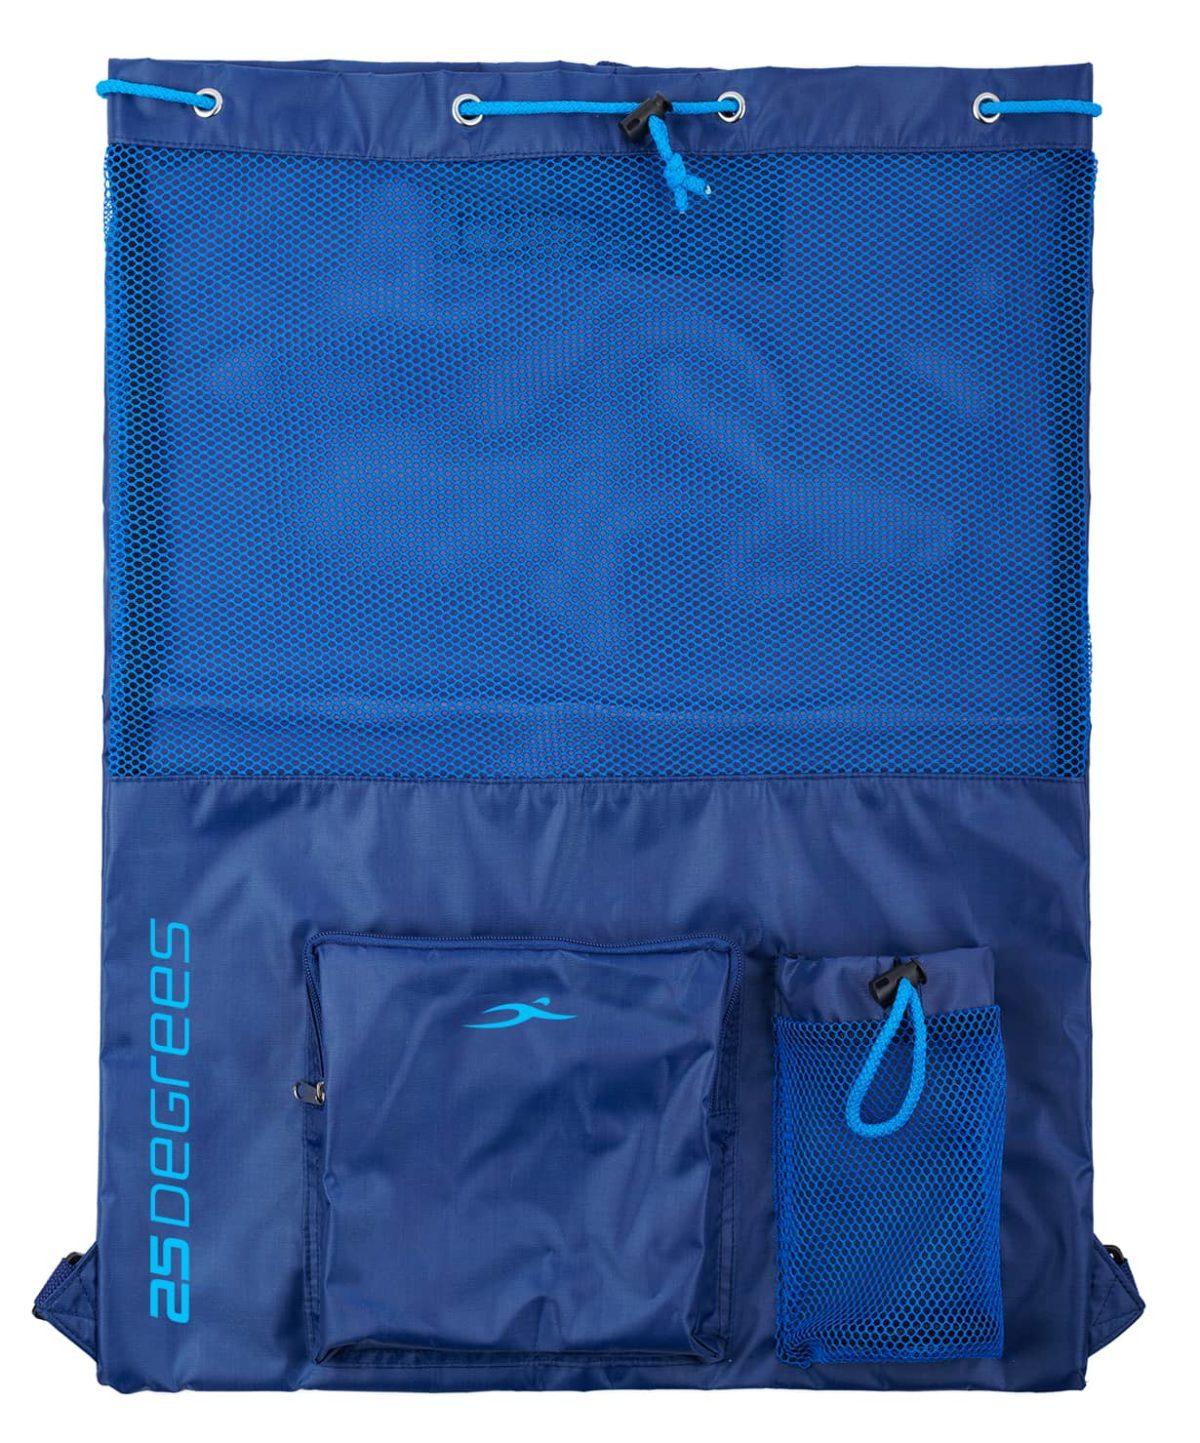 25DEGREES Рюкзак Maxpack  25D21015: синий - 1